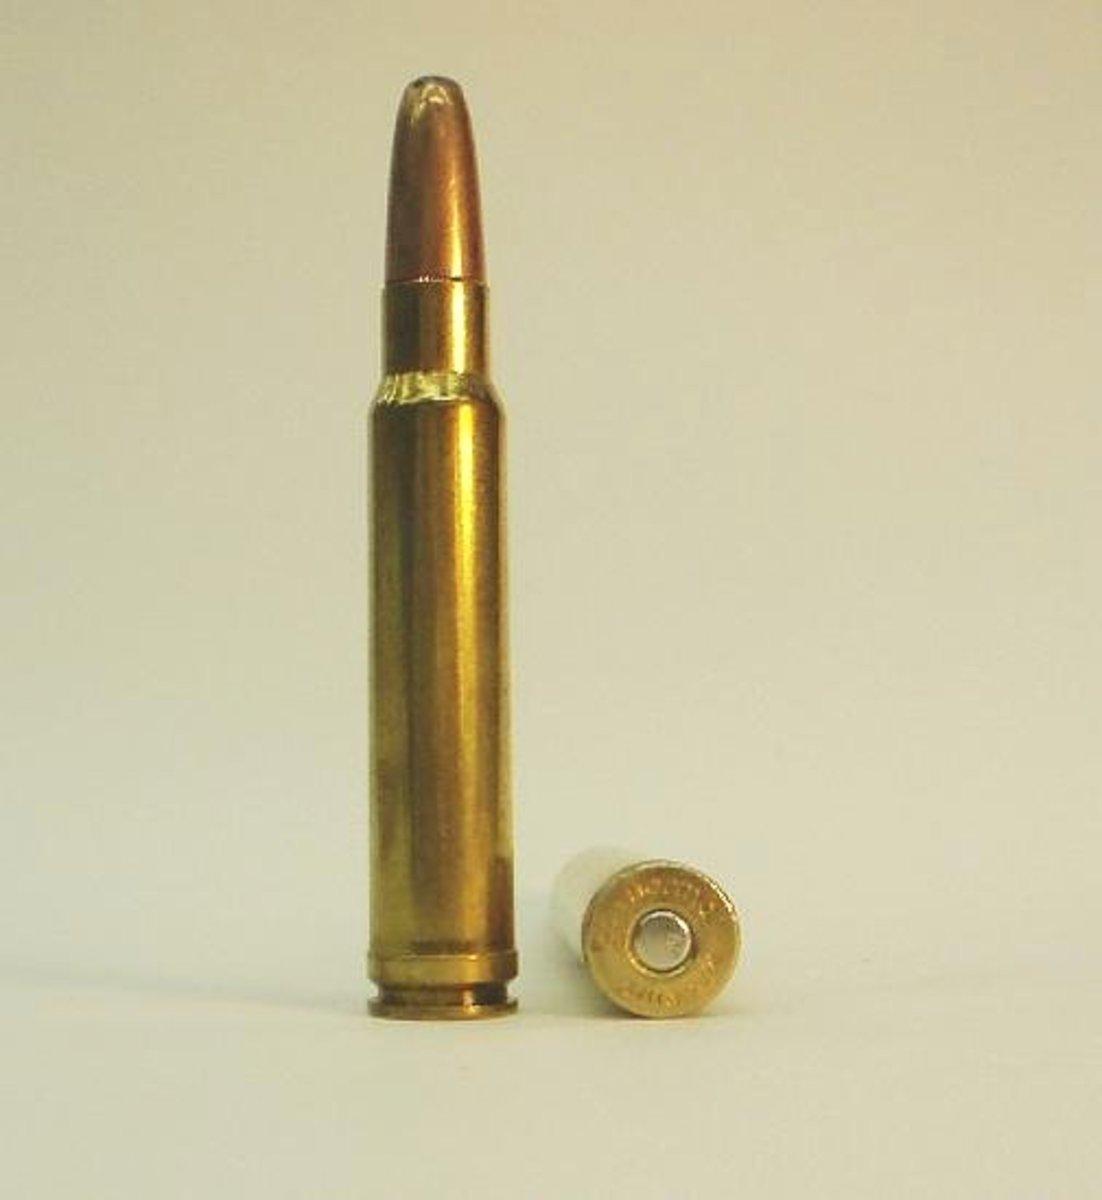 The .358 Norma Magnum